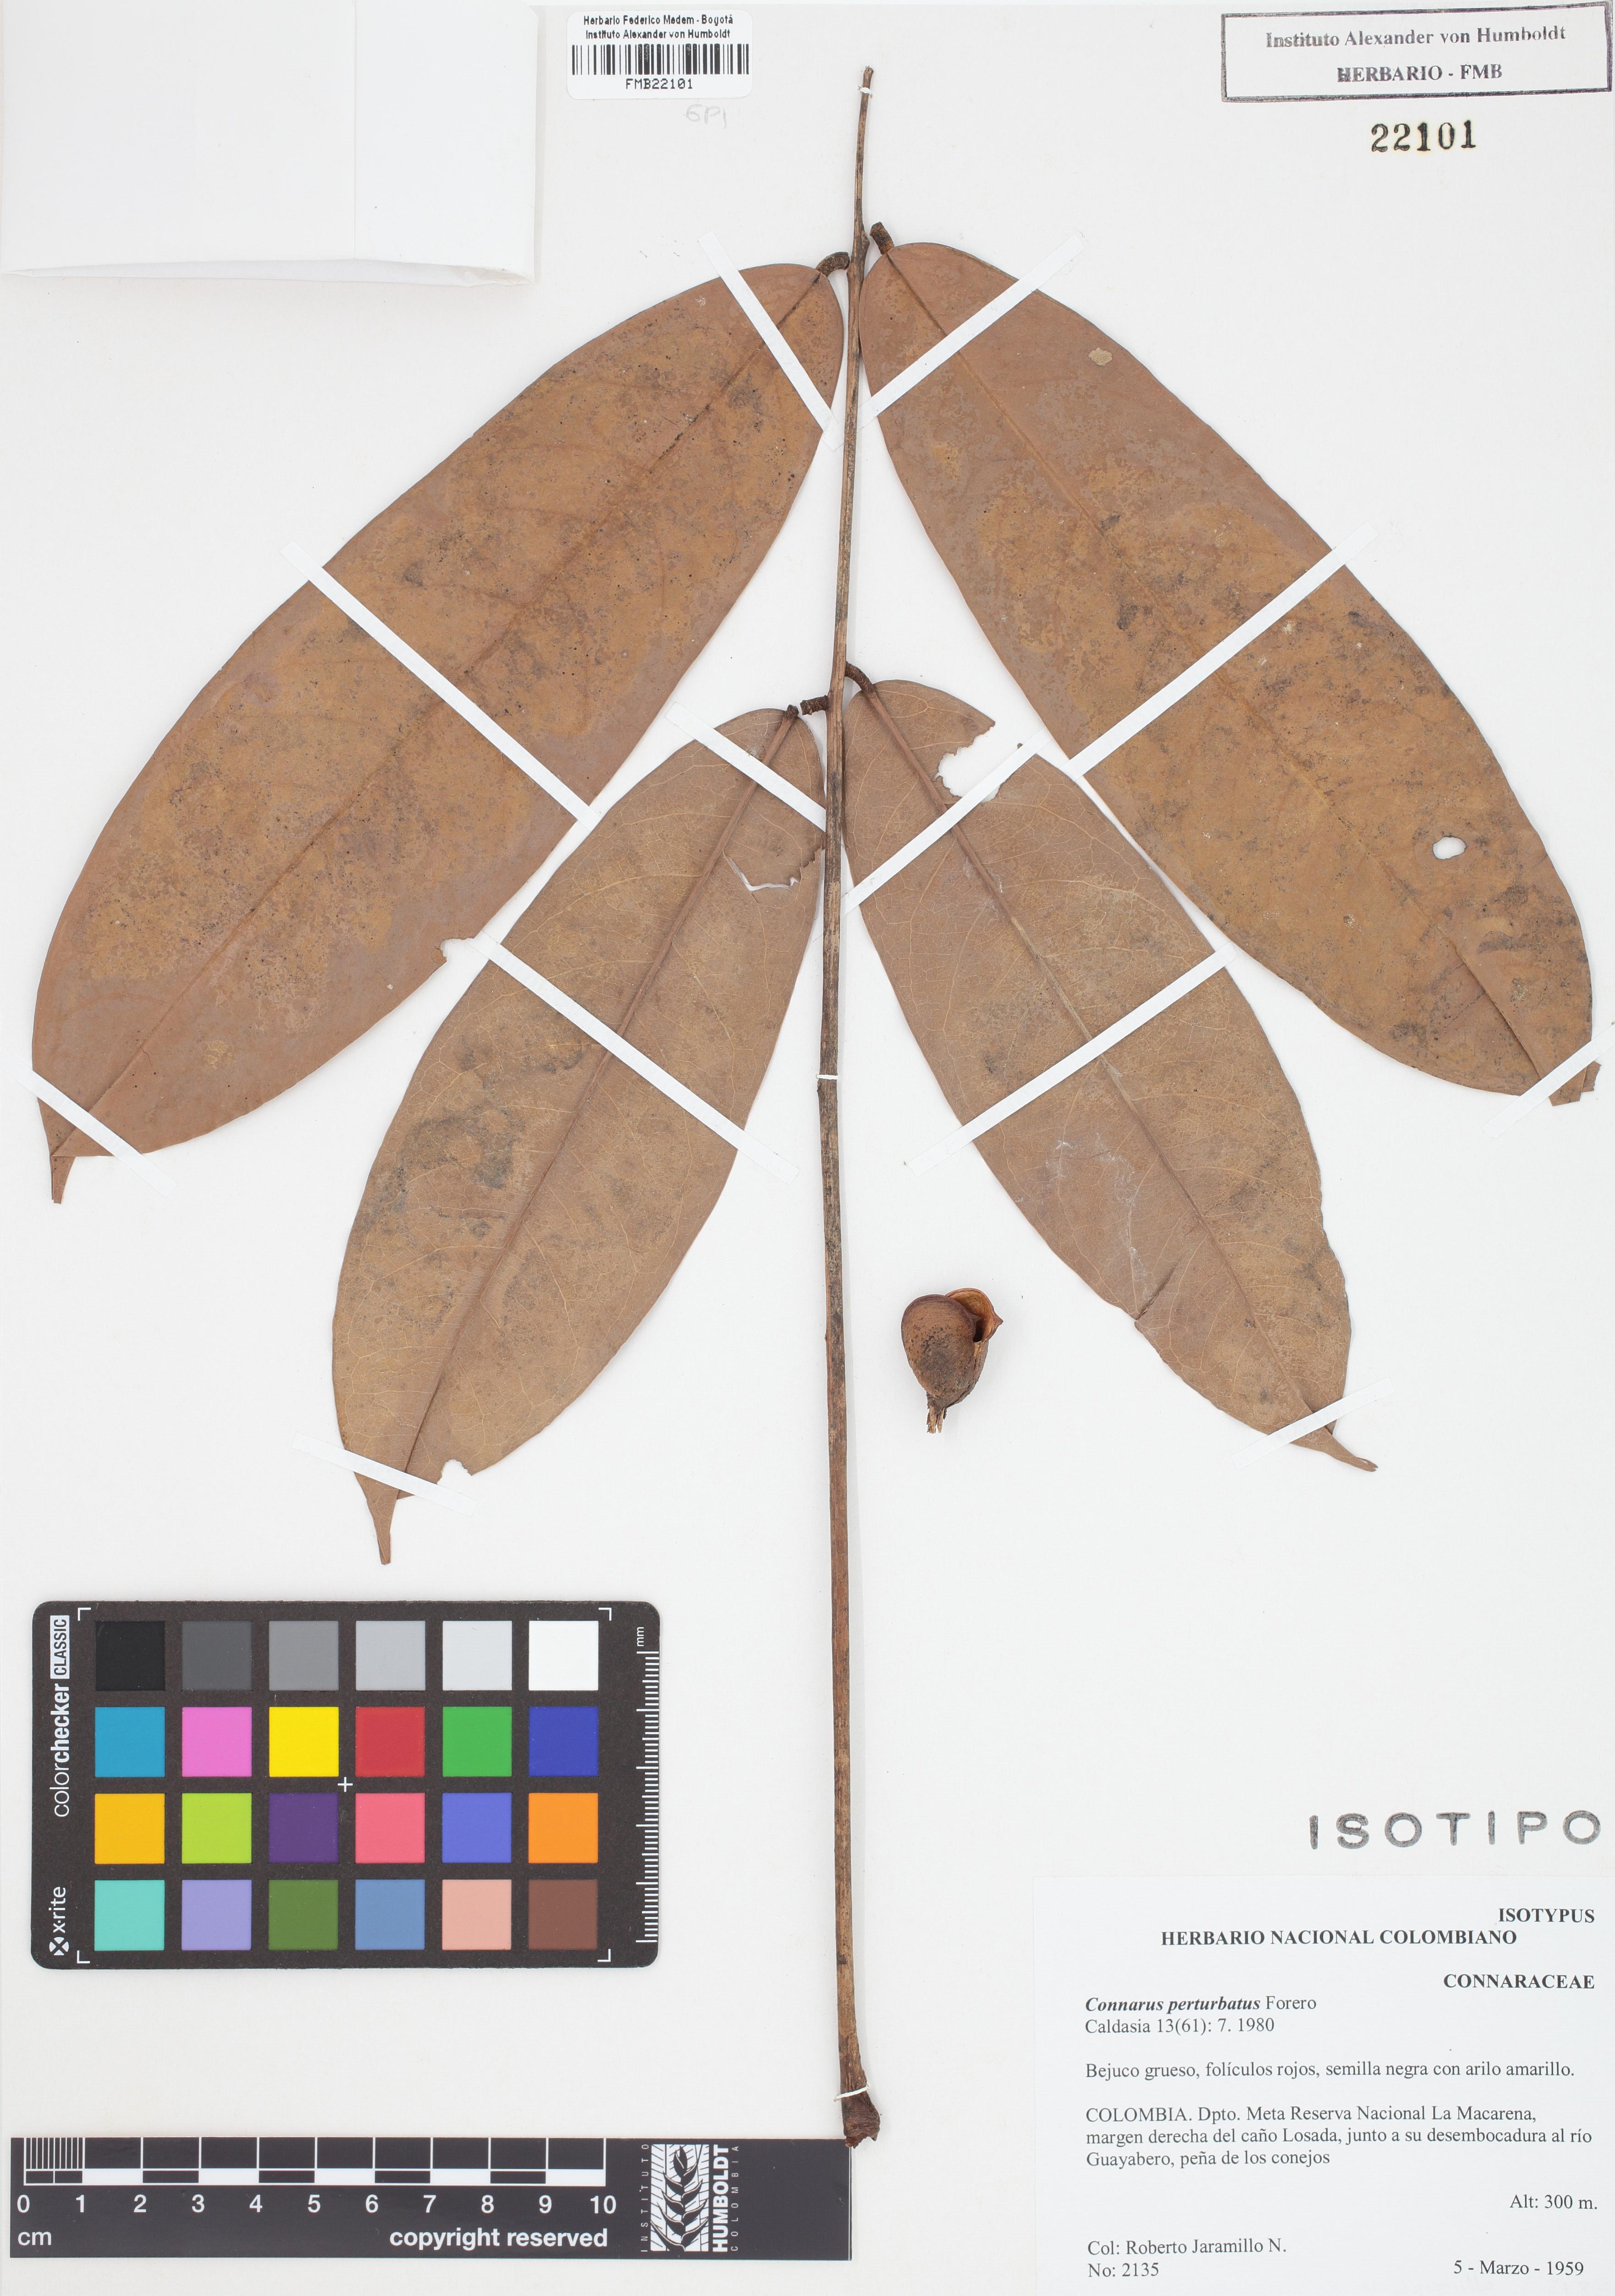 Isotipo de <em>Connarus perturbatus</em>, FMB-22101, Fotografía por Robles A.